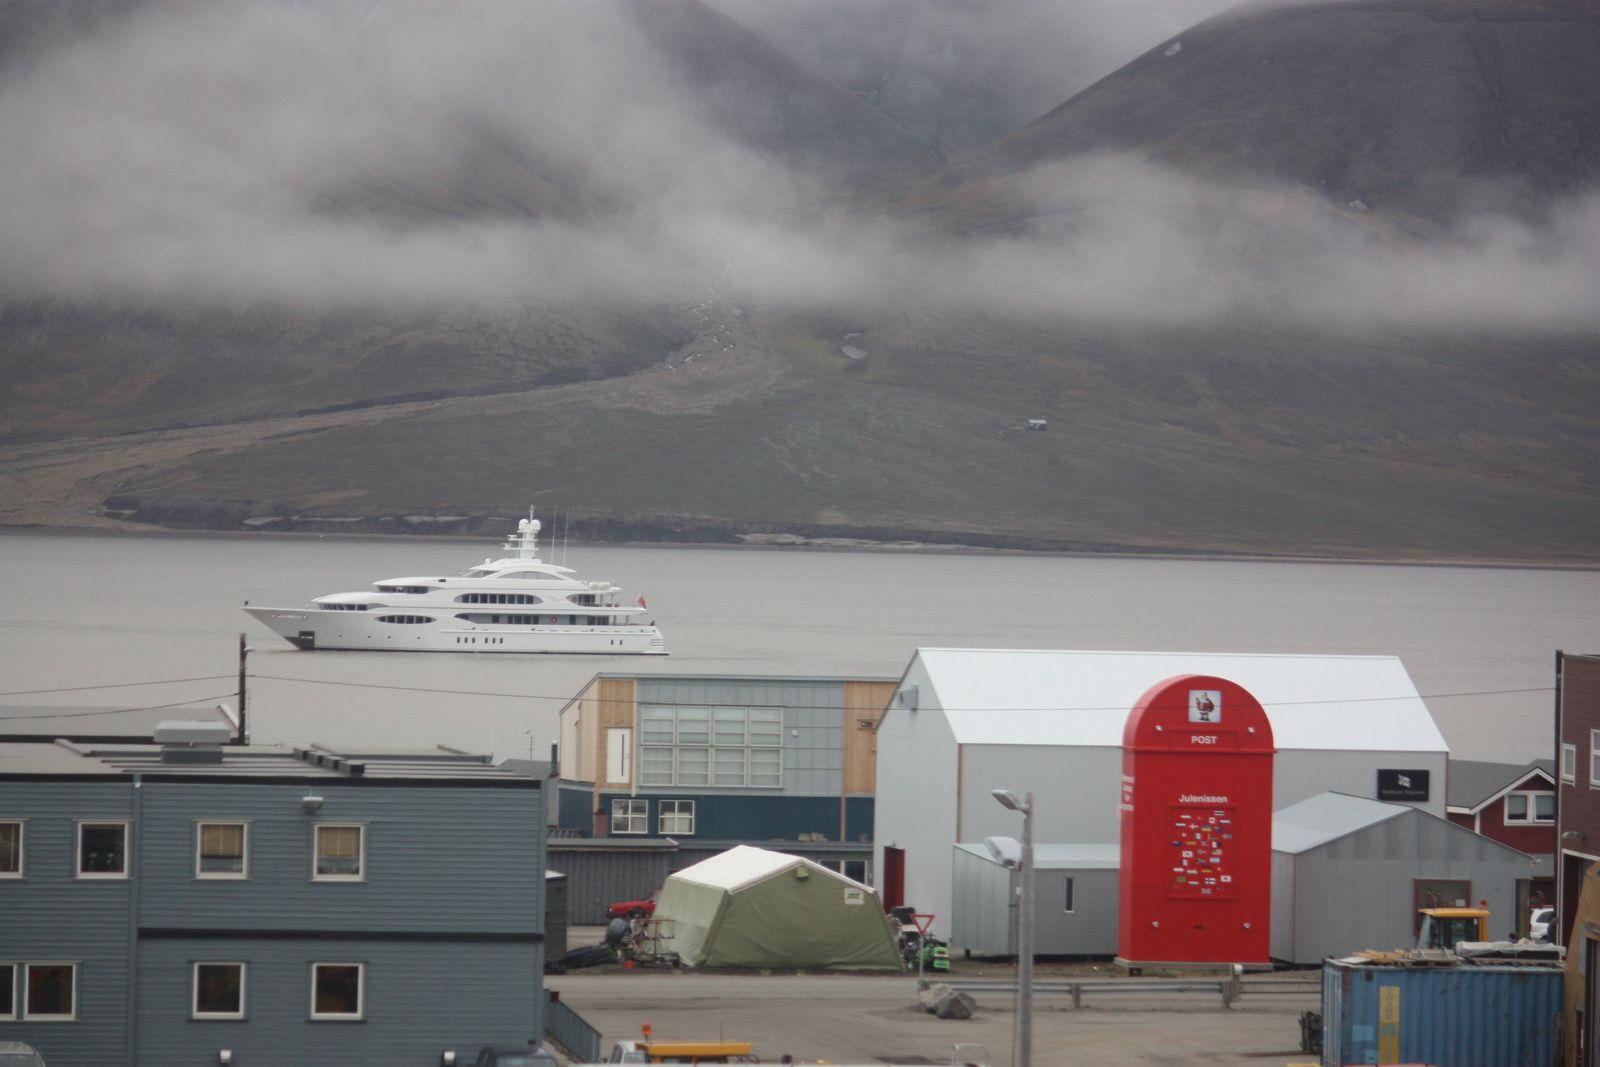 """une photo et 2 """"objets"""" qui n'ont pour moi rien à faire là : la boîte à lettres géante pour le Père Noël (= symbole du touriste stupide qui confond Svalbard et Disneyland) et le yacht géant (symbole du touriste à la richesse ostentatoire qui pense posséder le monde)"""